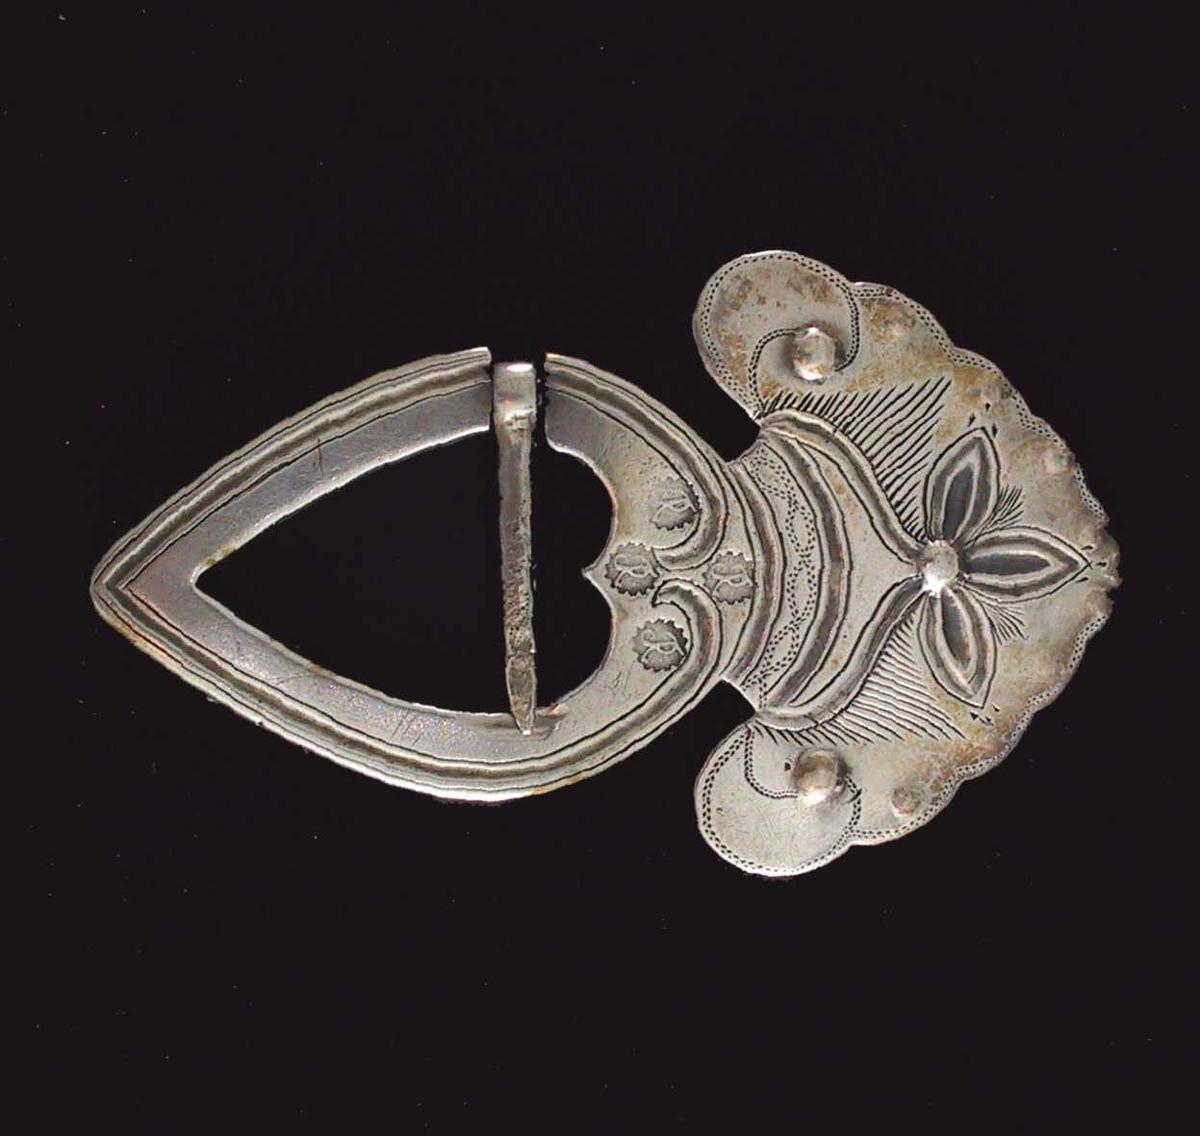 """Hjartesprette i sølv, drevet og gravert. Stemplet 4 ganger på forsiden, plassert som et ornament omkring toppen av hjertet: Hjerteformet flat spenne med hulkil langs kanten, ender i to buer mot hverandre  øverst i hjertet ved stemplene. Stort vifteformet overstykke med tunget kant,  trebladet """"blomst"""" pm. med opphøyd midtknapp,  en tilsvarende på hver side og små langs kanten strekdekor. Nederst på viften en innprikket bord av to motgående bølger. Tilstand: god."""